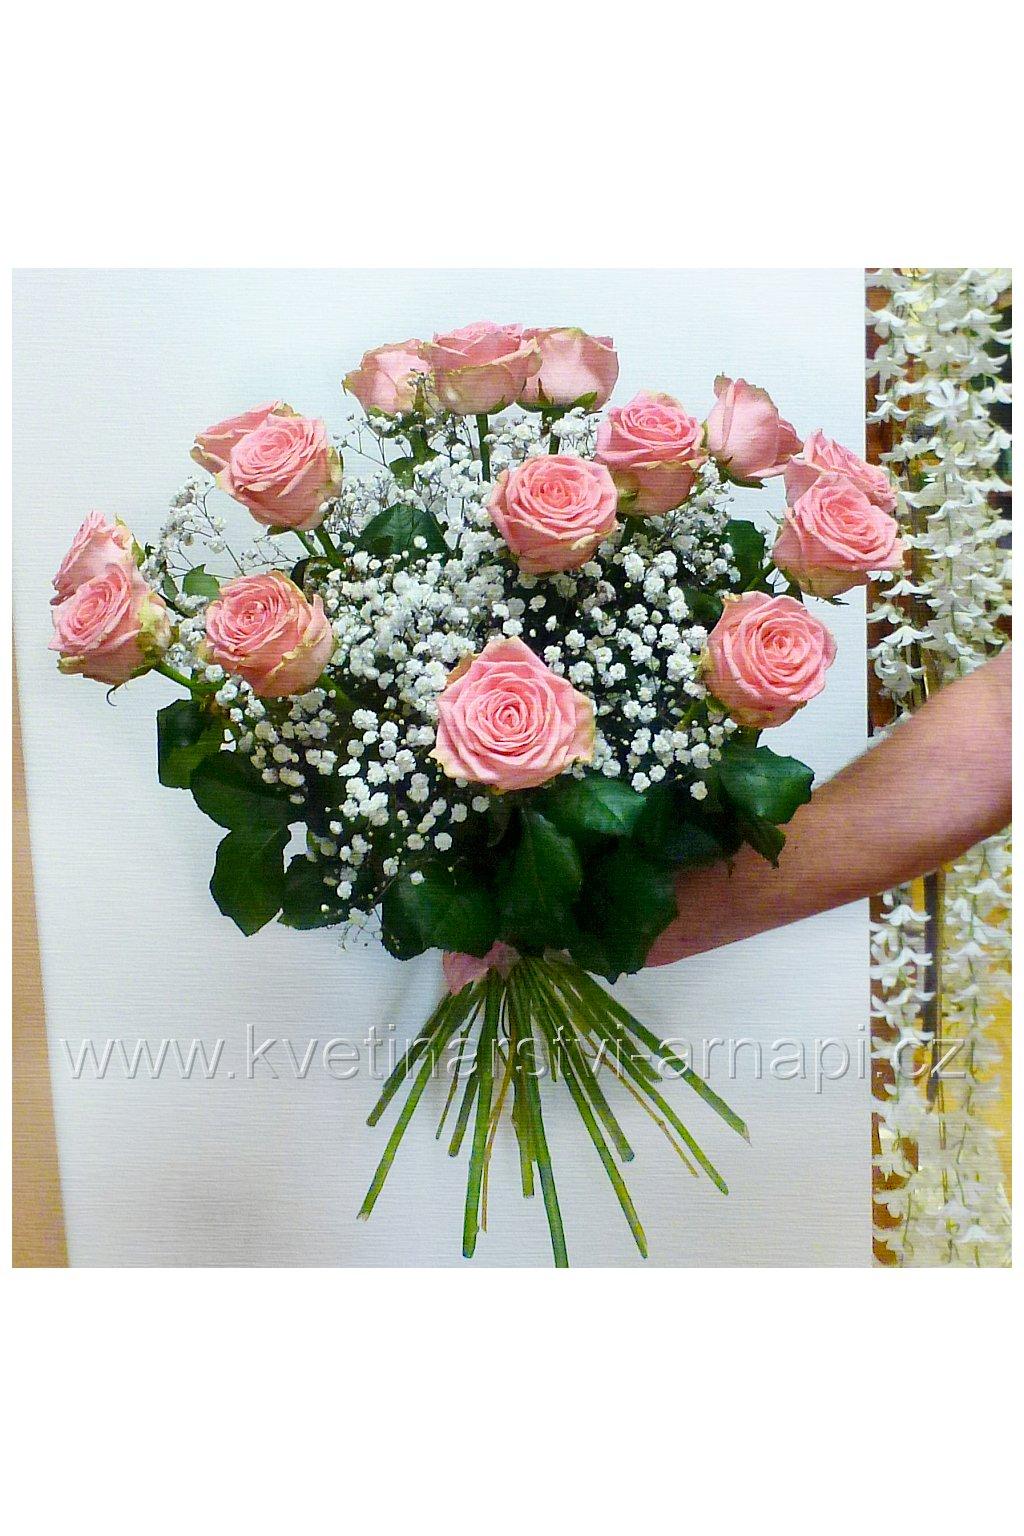 kytice darkova kvetiny darky online kvetinarstvi arnapi